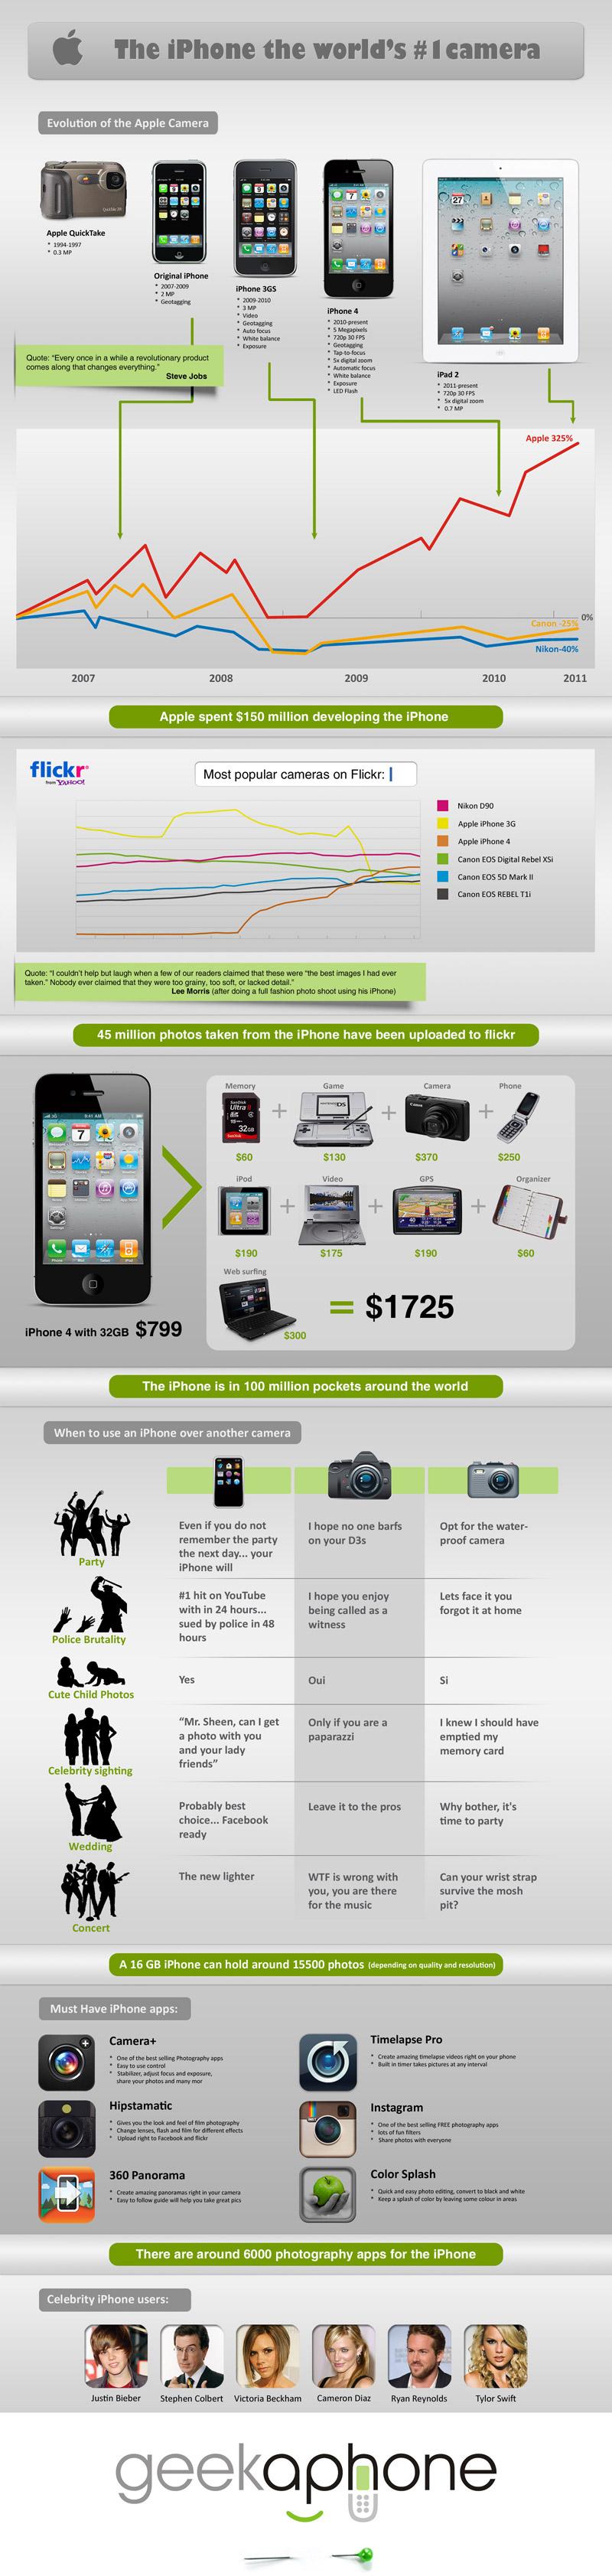 Comment l'iPhone est devenu l'appareil photo le plus utilisé